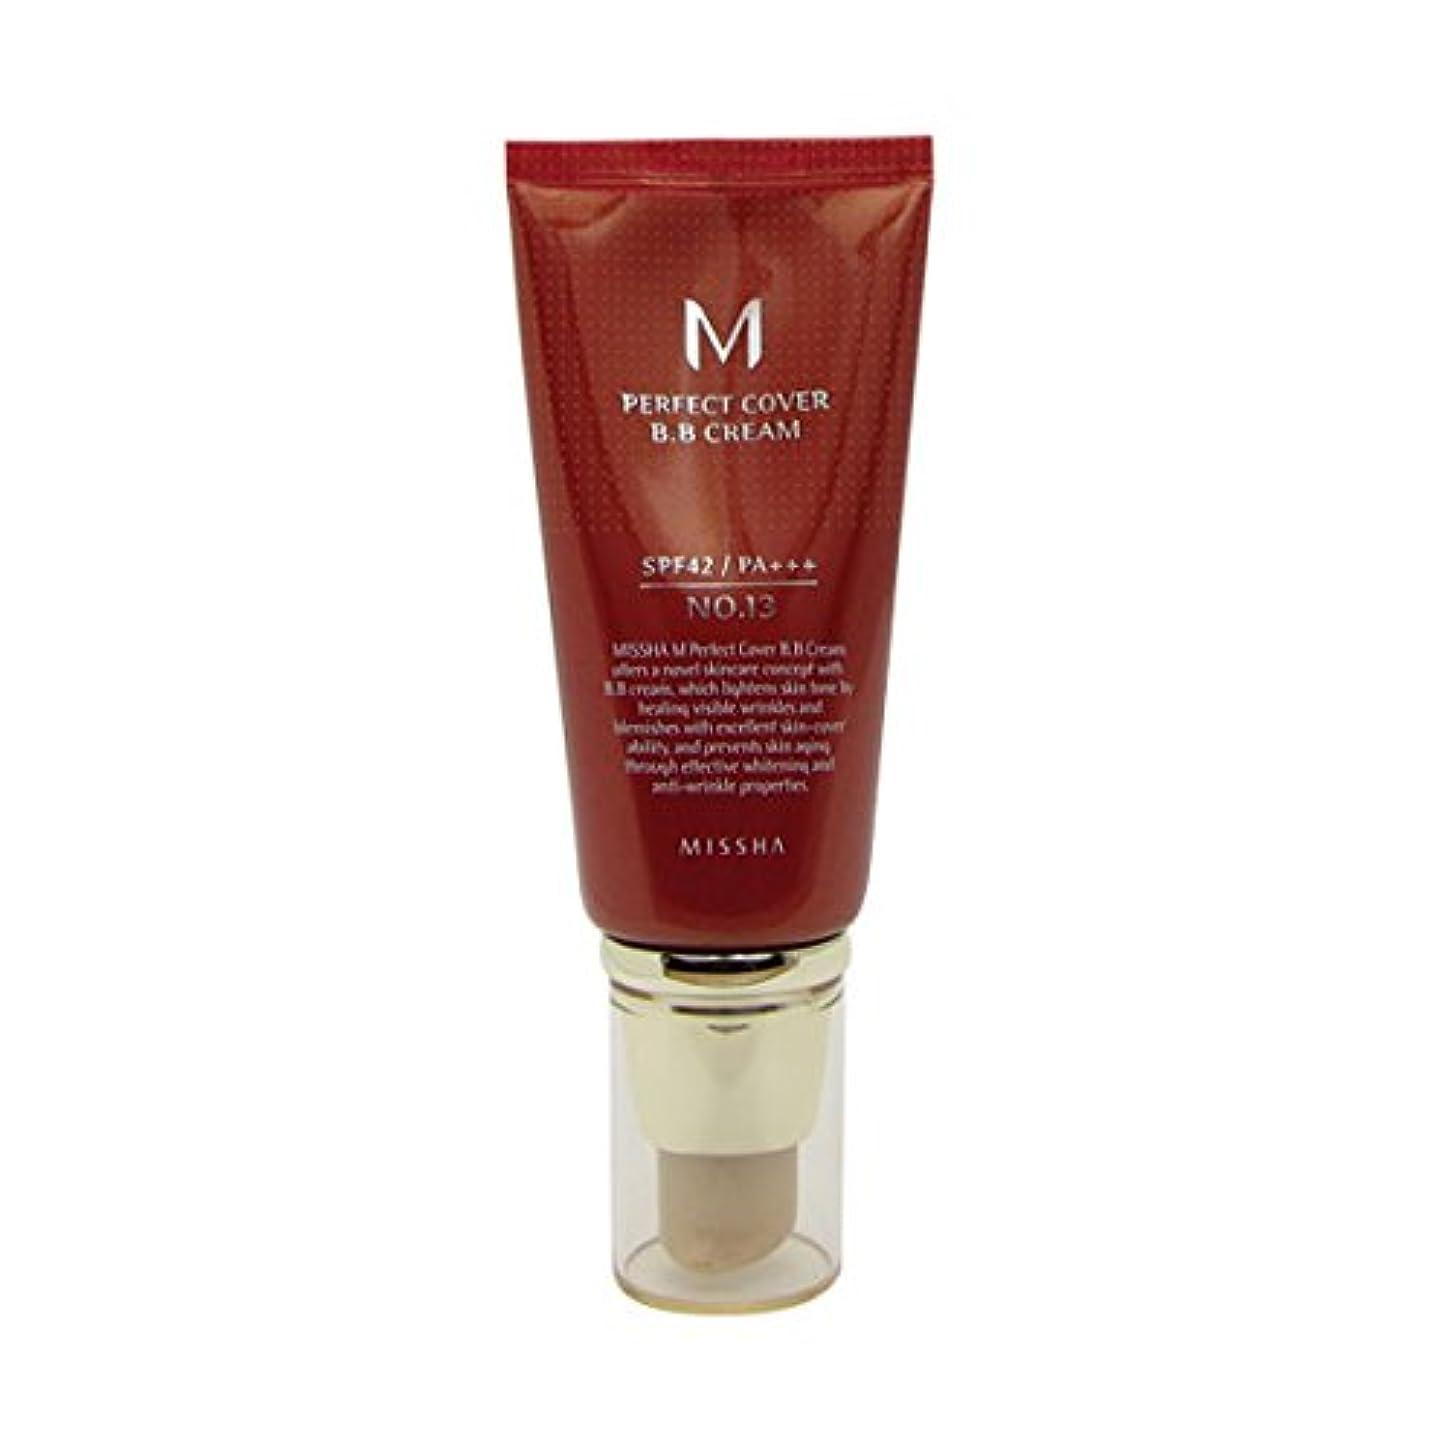 褒賞私たち自身入学するMissha M Perfect Cover Bb Cream Spf42/pa+++ No.13 Bright Beige 50ml [並行輸入品]